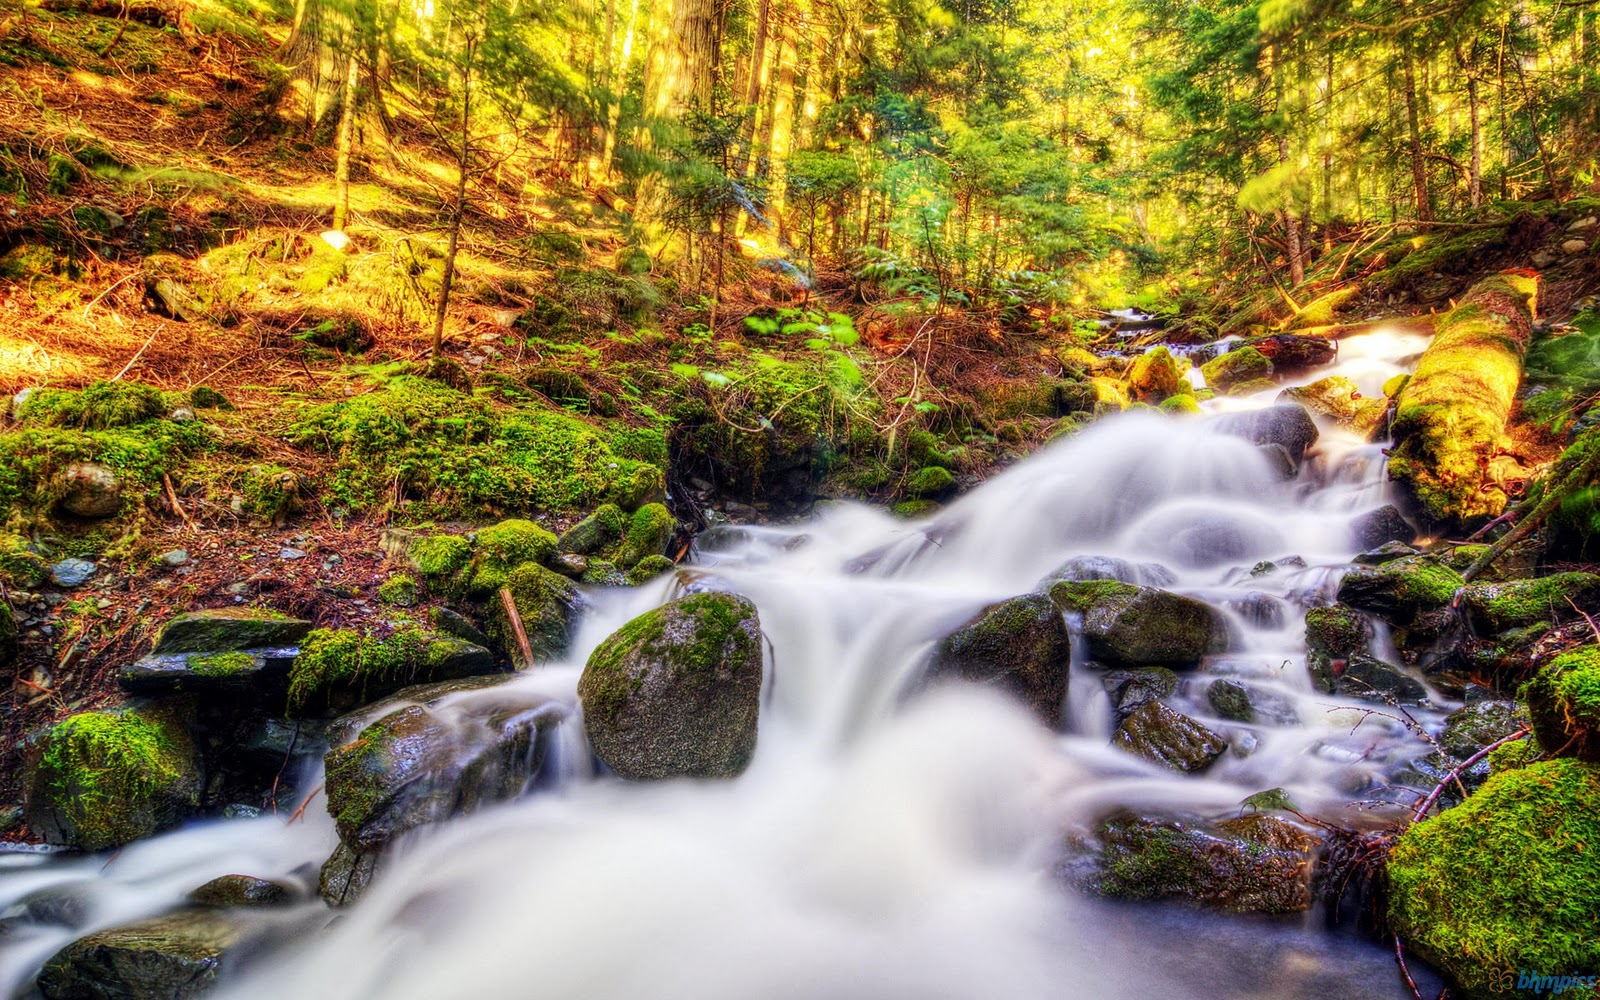 http://4.bp.blogspot.com/-9mfNd4UlqnE/TuhTcG9La3I/AAAAAAAAAp0/fToroLC2stA/s1600/water_fall_wallpaper-1920x1200.jpg